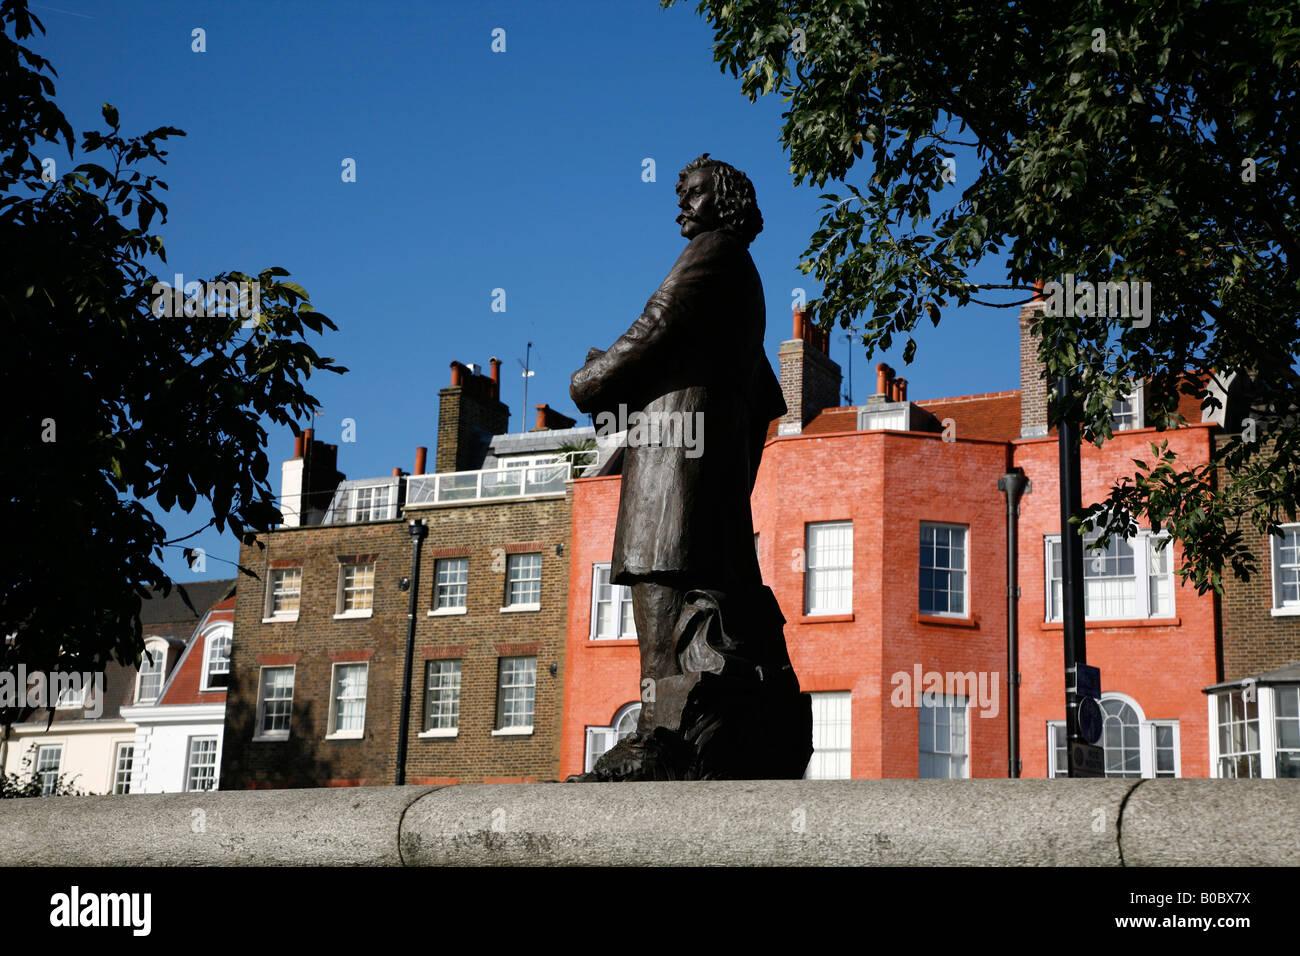 Statue of painter James McNeil Whistler on Chelsea Embankment, Chelsea, London - Stock Image